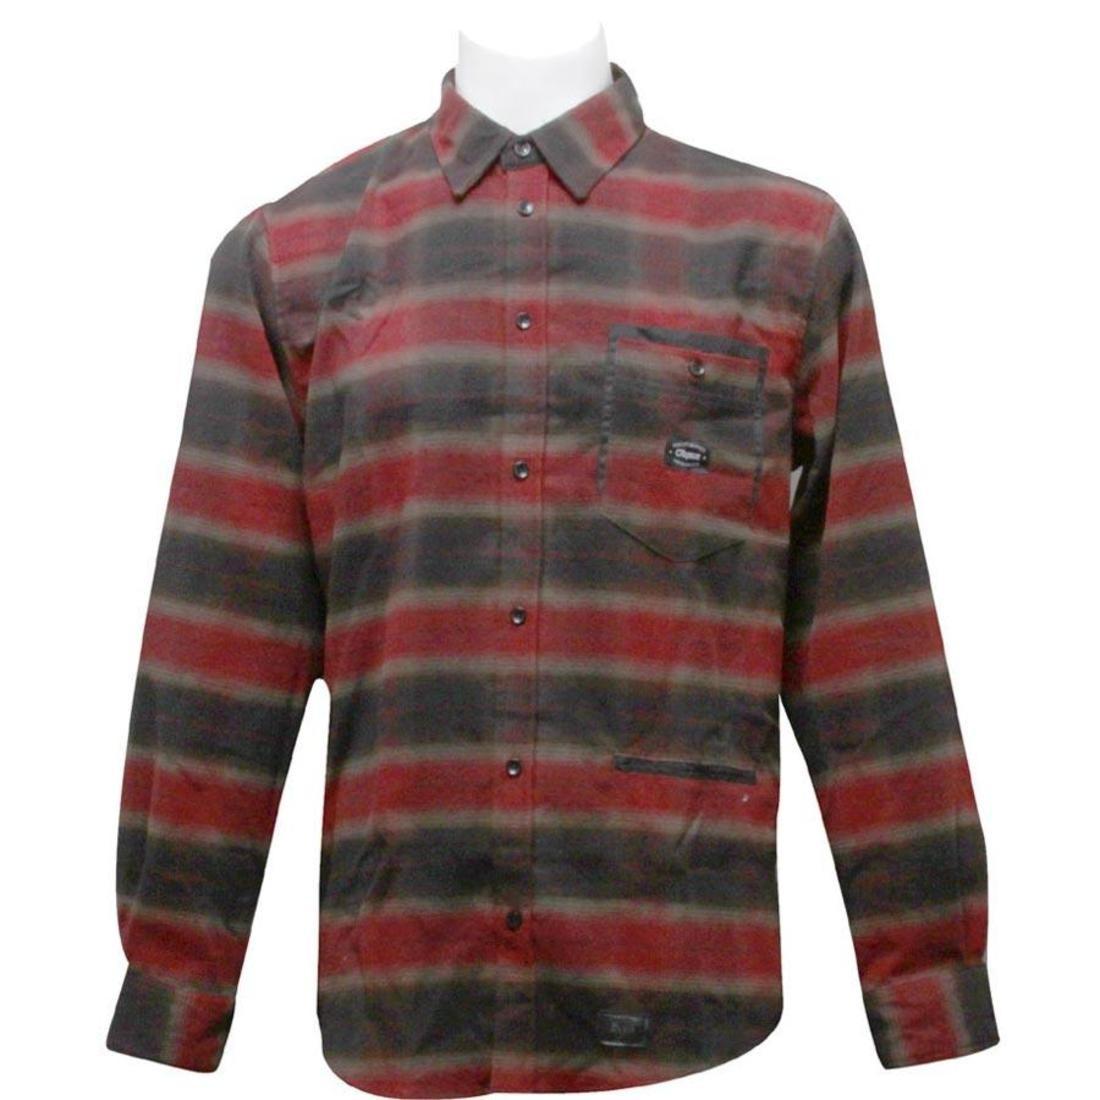 【海外限定】スリーブ ウーブン カジュアルシャツ メンズファッション 【 SLEEVE WOVEN ORISUE AMBERTON LONG SHIRT RED 】